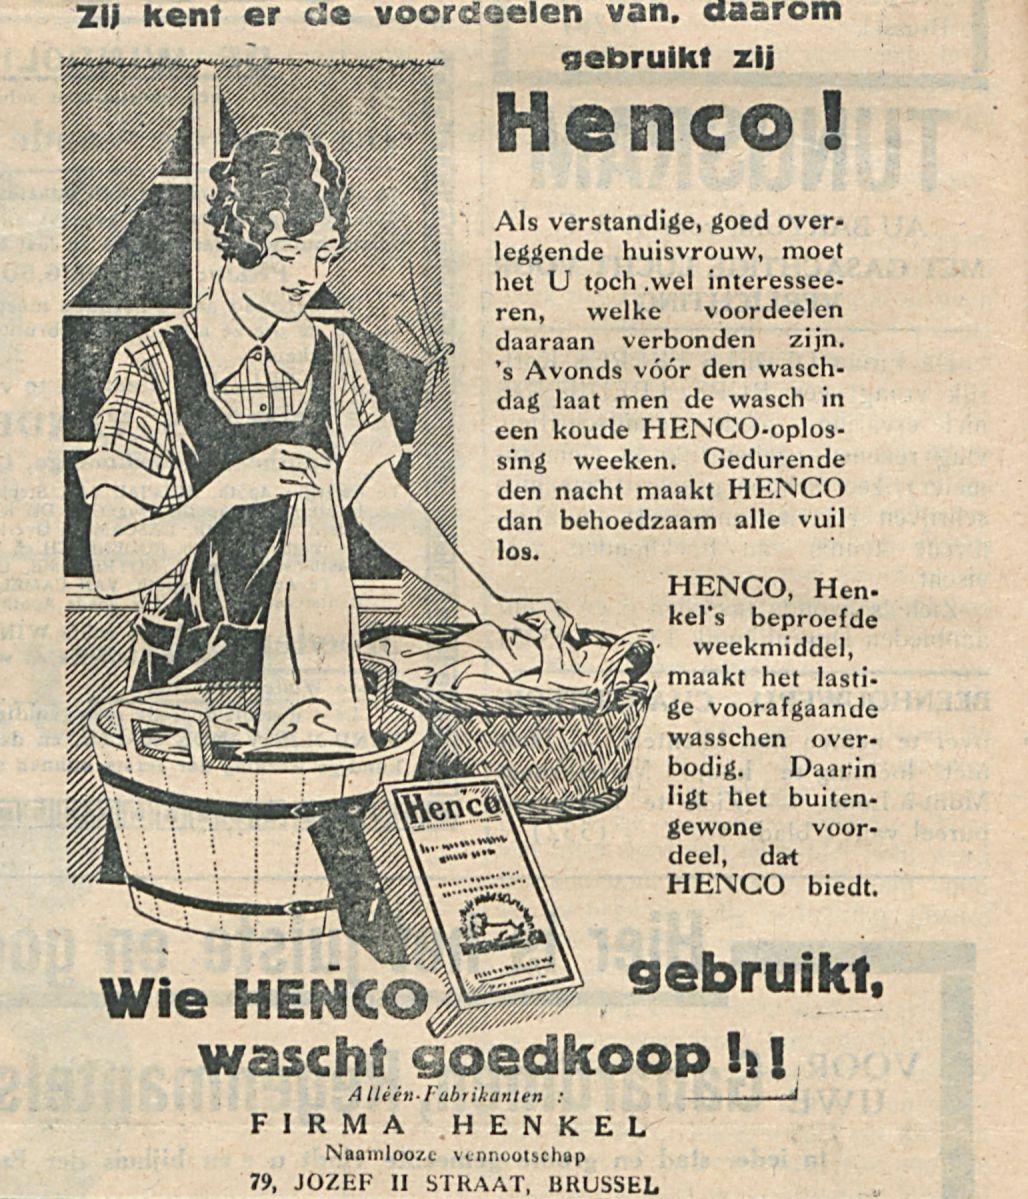 HENCO